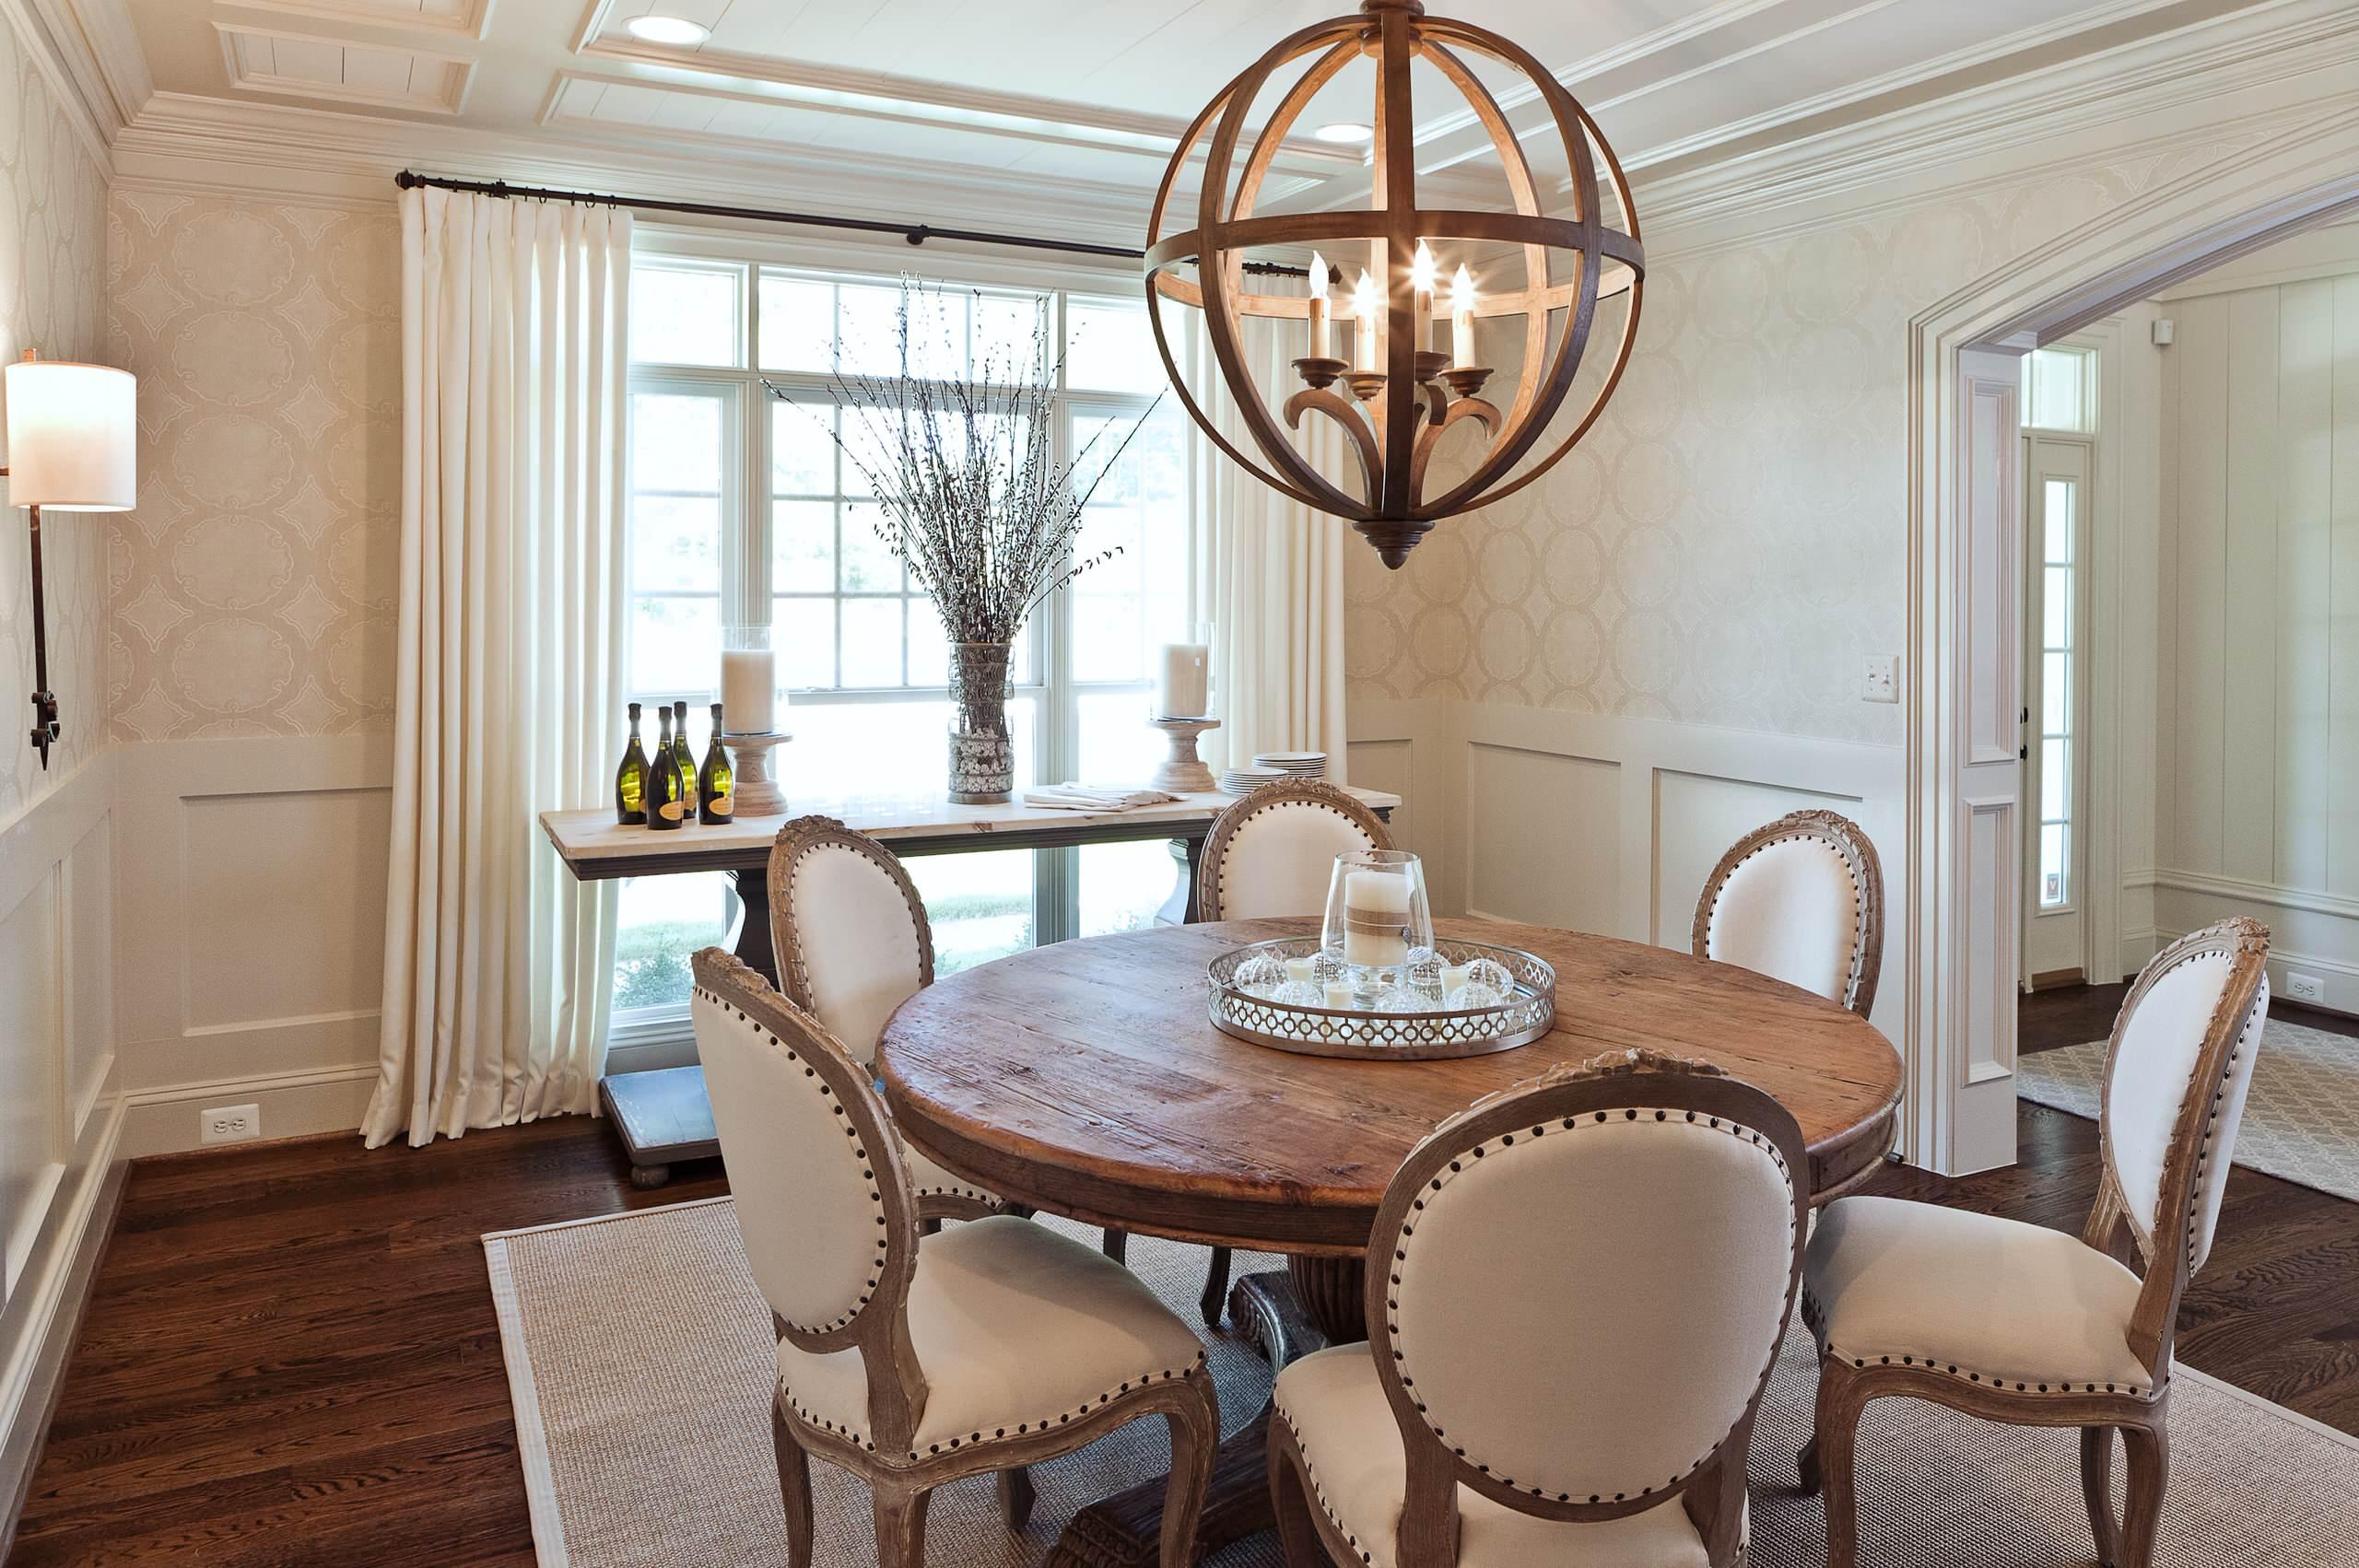 Meubles en chêne à l'intérieur de la salle à manger dans l'esprit provençal